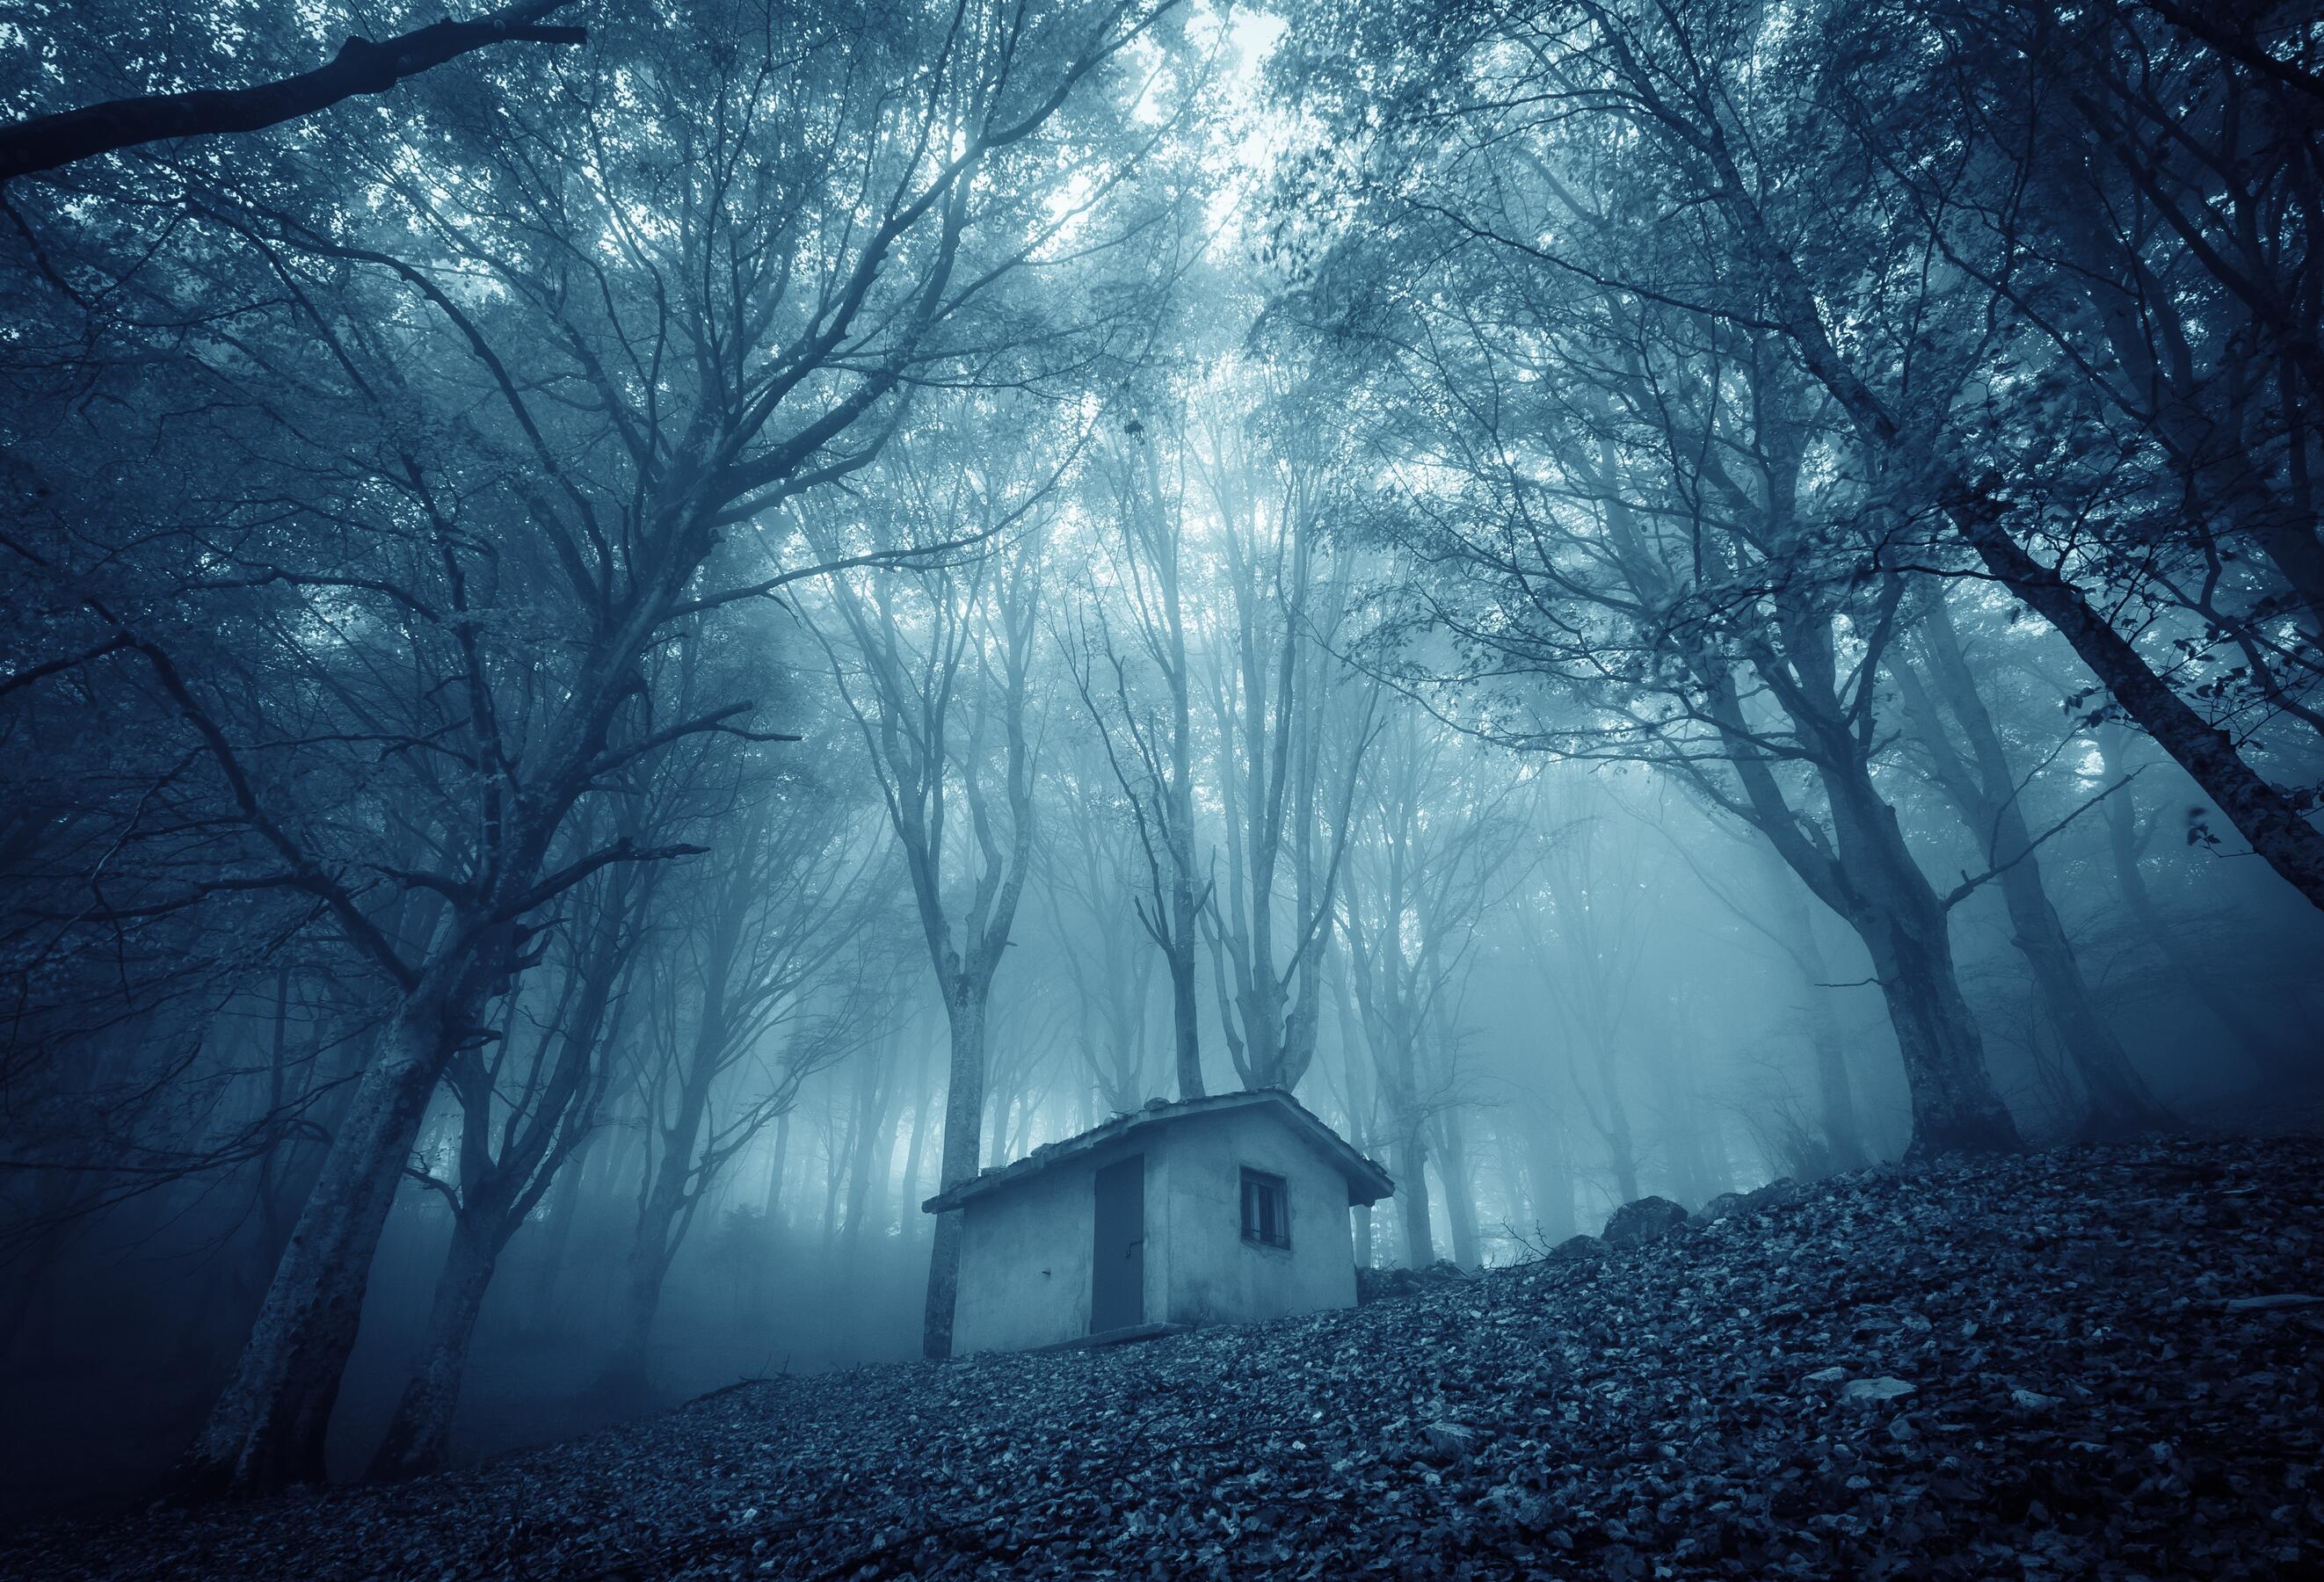 Roh Gentayangan Jadi Hantu Bisa Nempeli Orang Apa Benar bimbingan islam